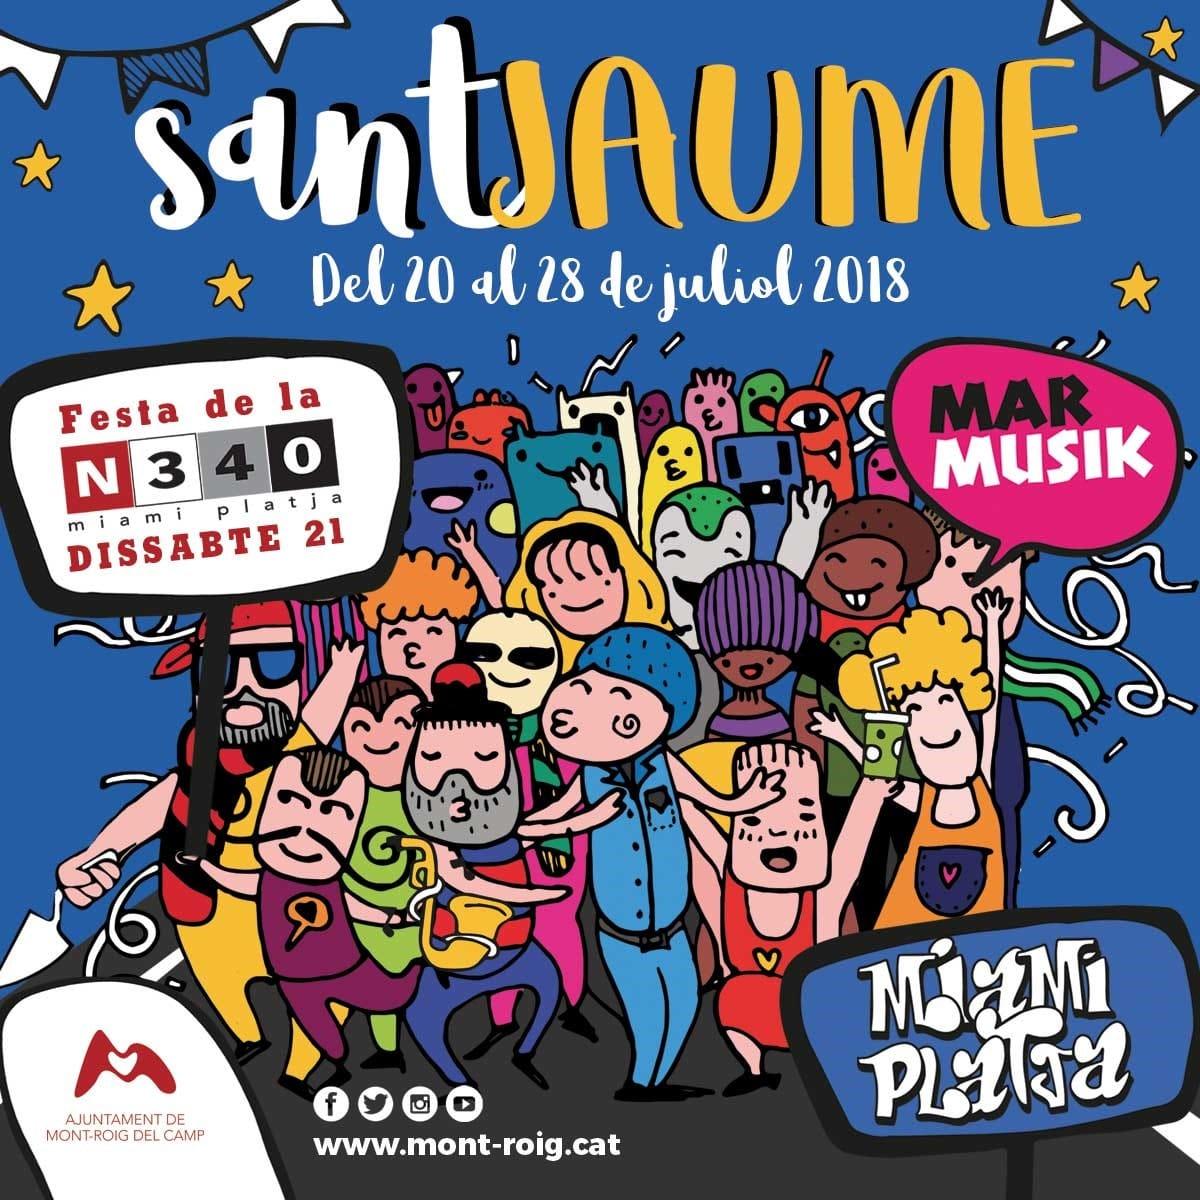 La Música Y La Fiesta Protagonistas De La Programación De Sant Jaume Ajuntament De Mont Roig Del Camp